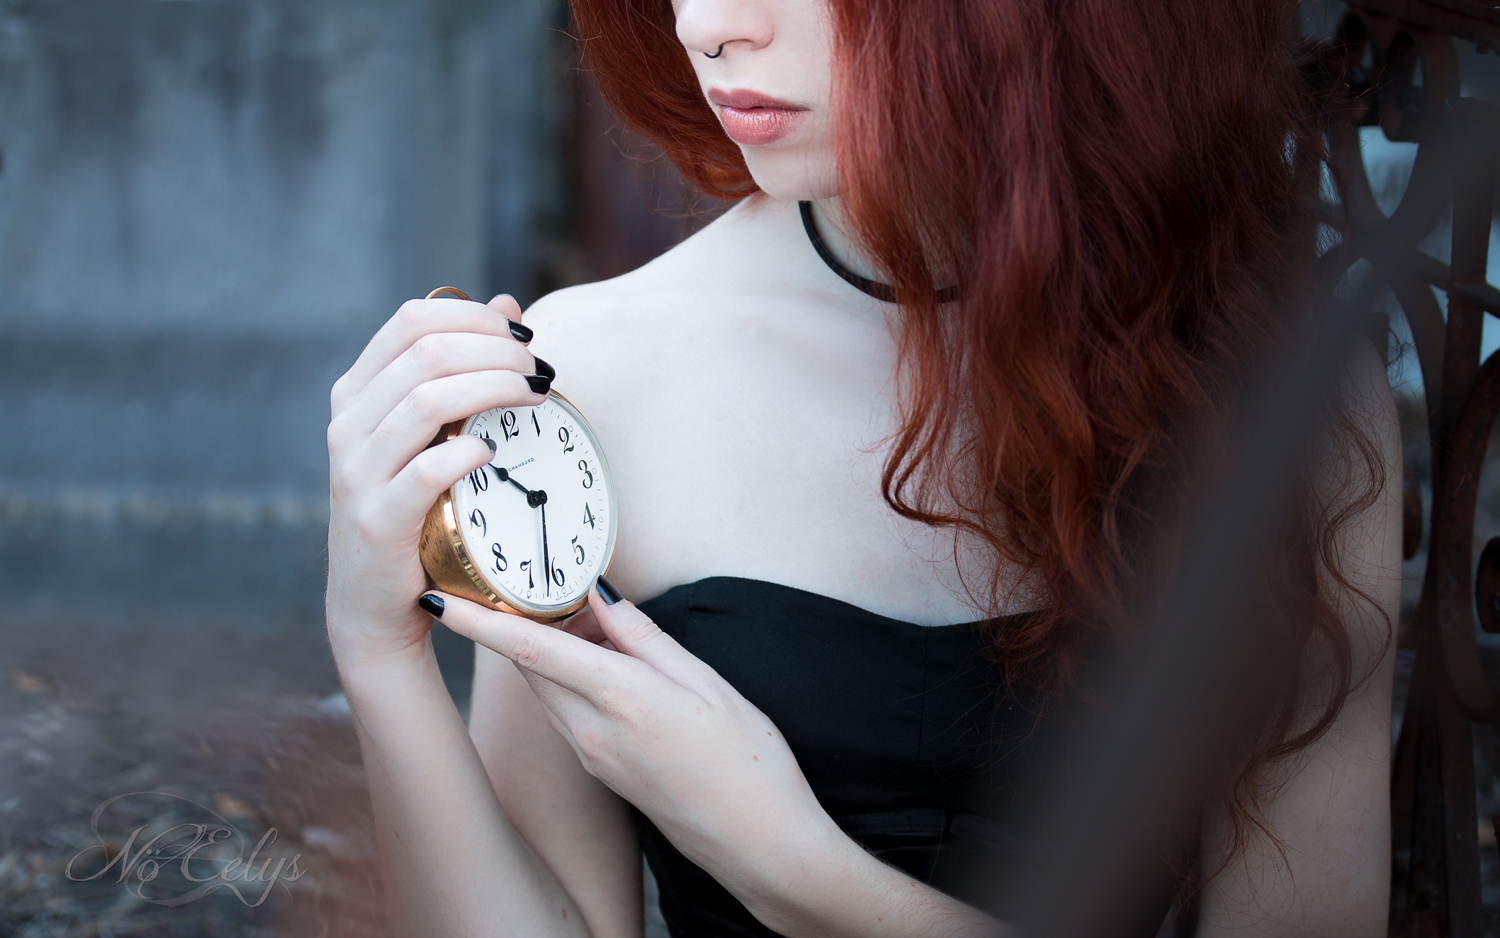 Aonvaa par Nö Eelys Photo, portrait gothique romantique avec horloge, modèle gothique rousse, Maquillage par Le Boudoir de Nö